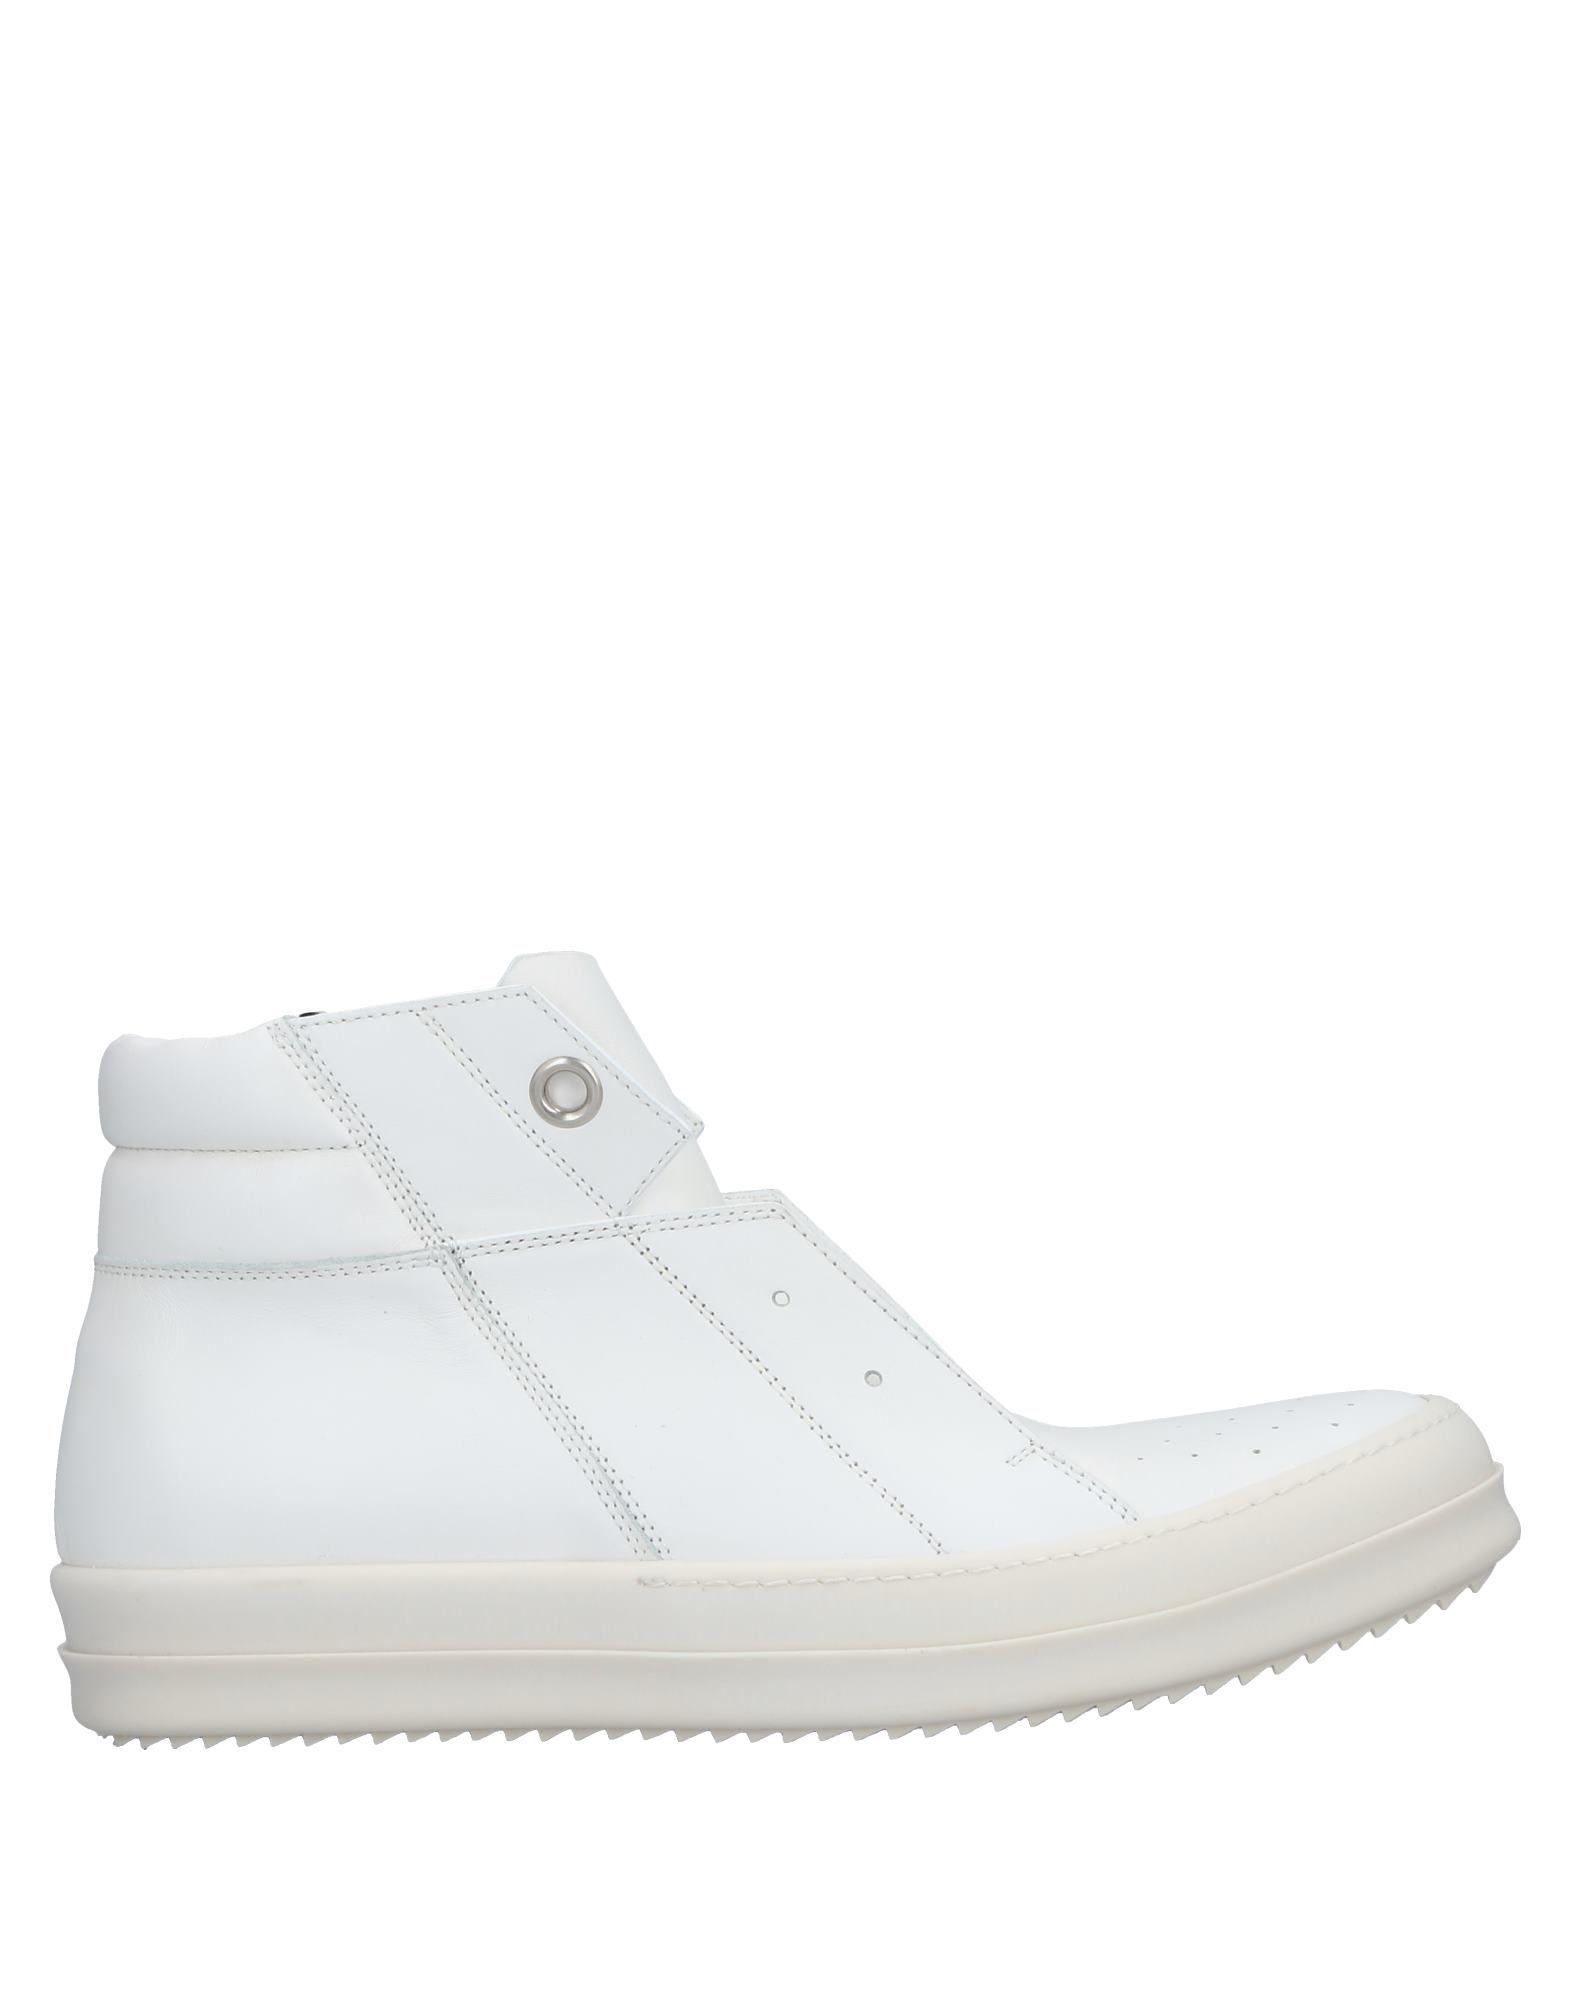 Sneakers Rick Rick Owens Homme - Sneakers Rick Sneakers Owens  Blanc Dernières chaussures discount pour hommes et femmes 63716c